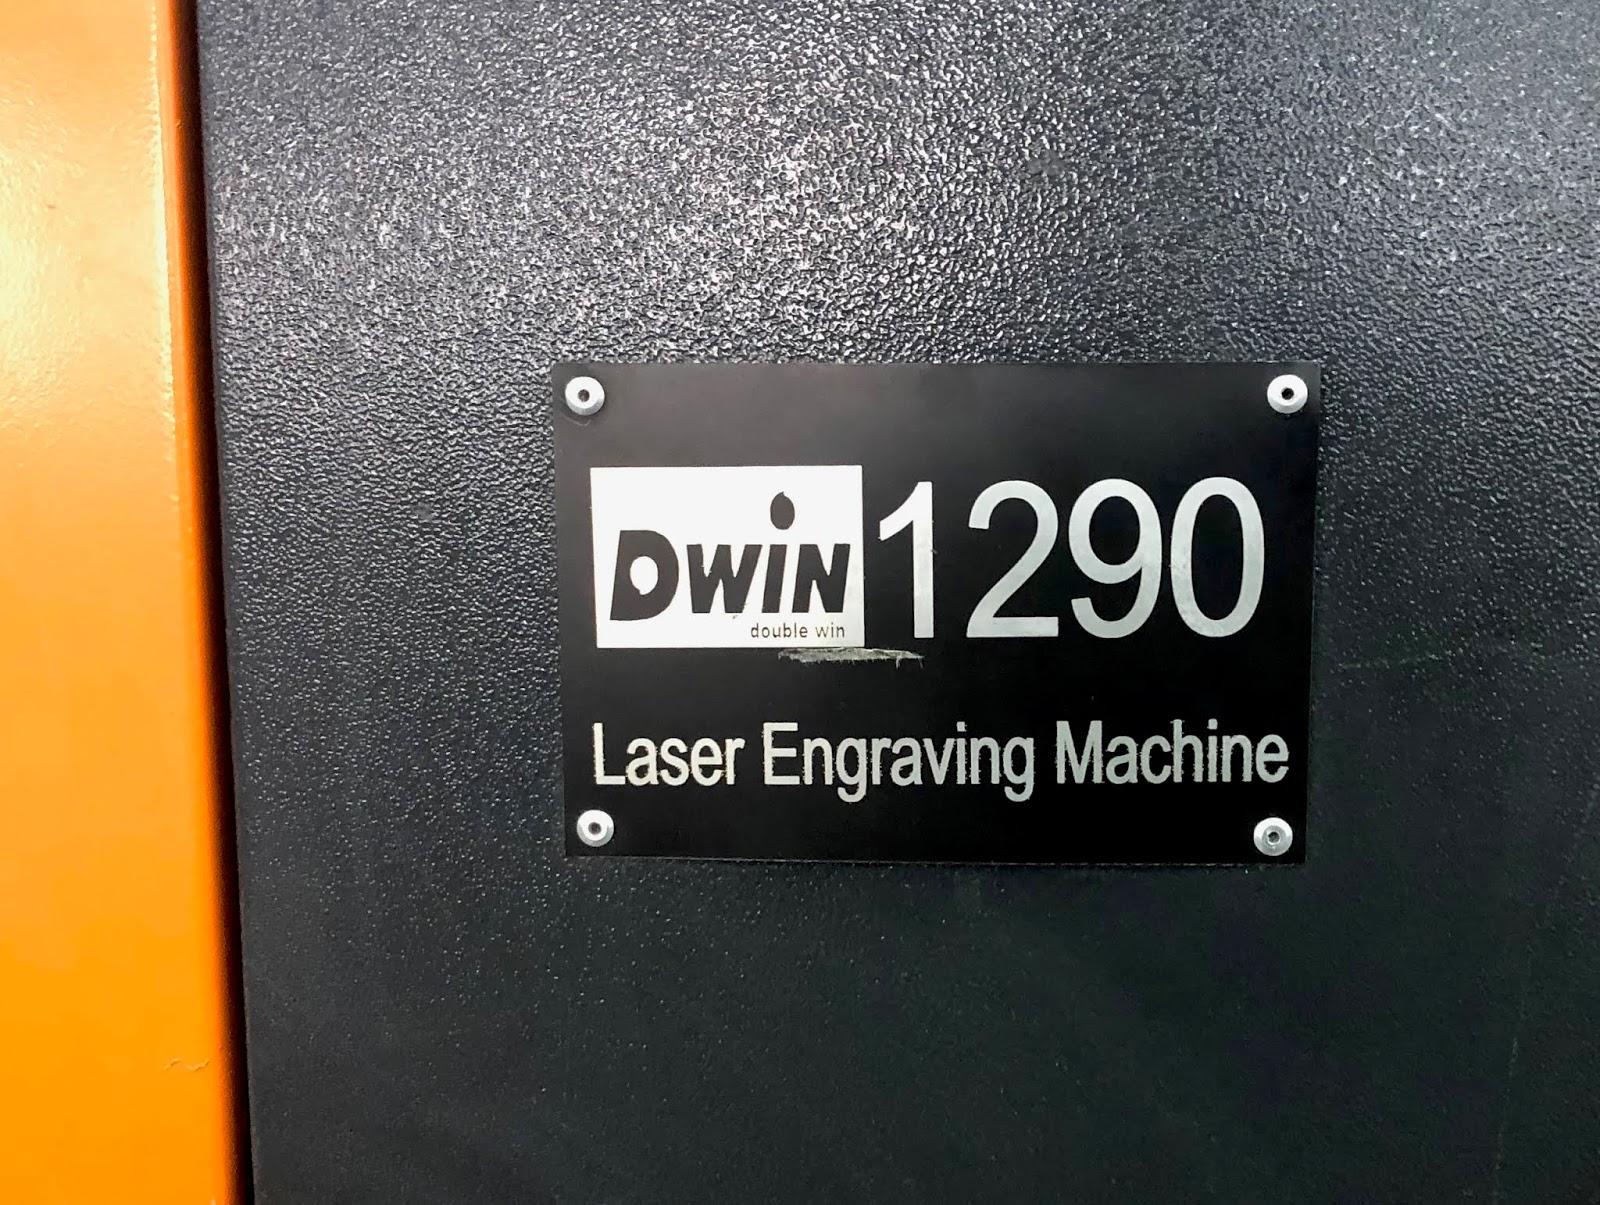 лазерный резка фанера